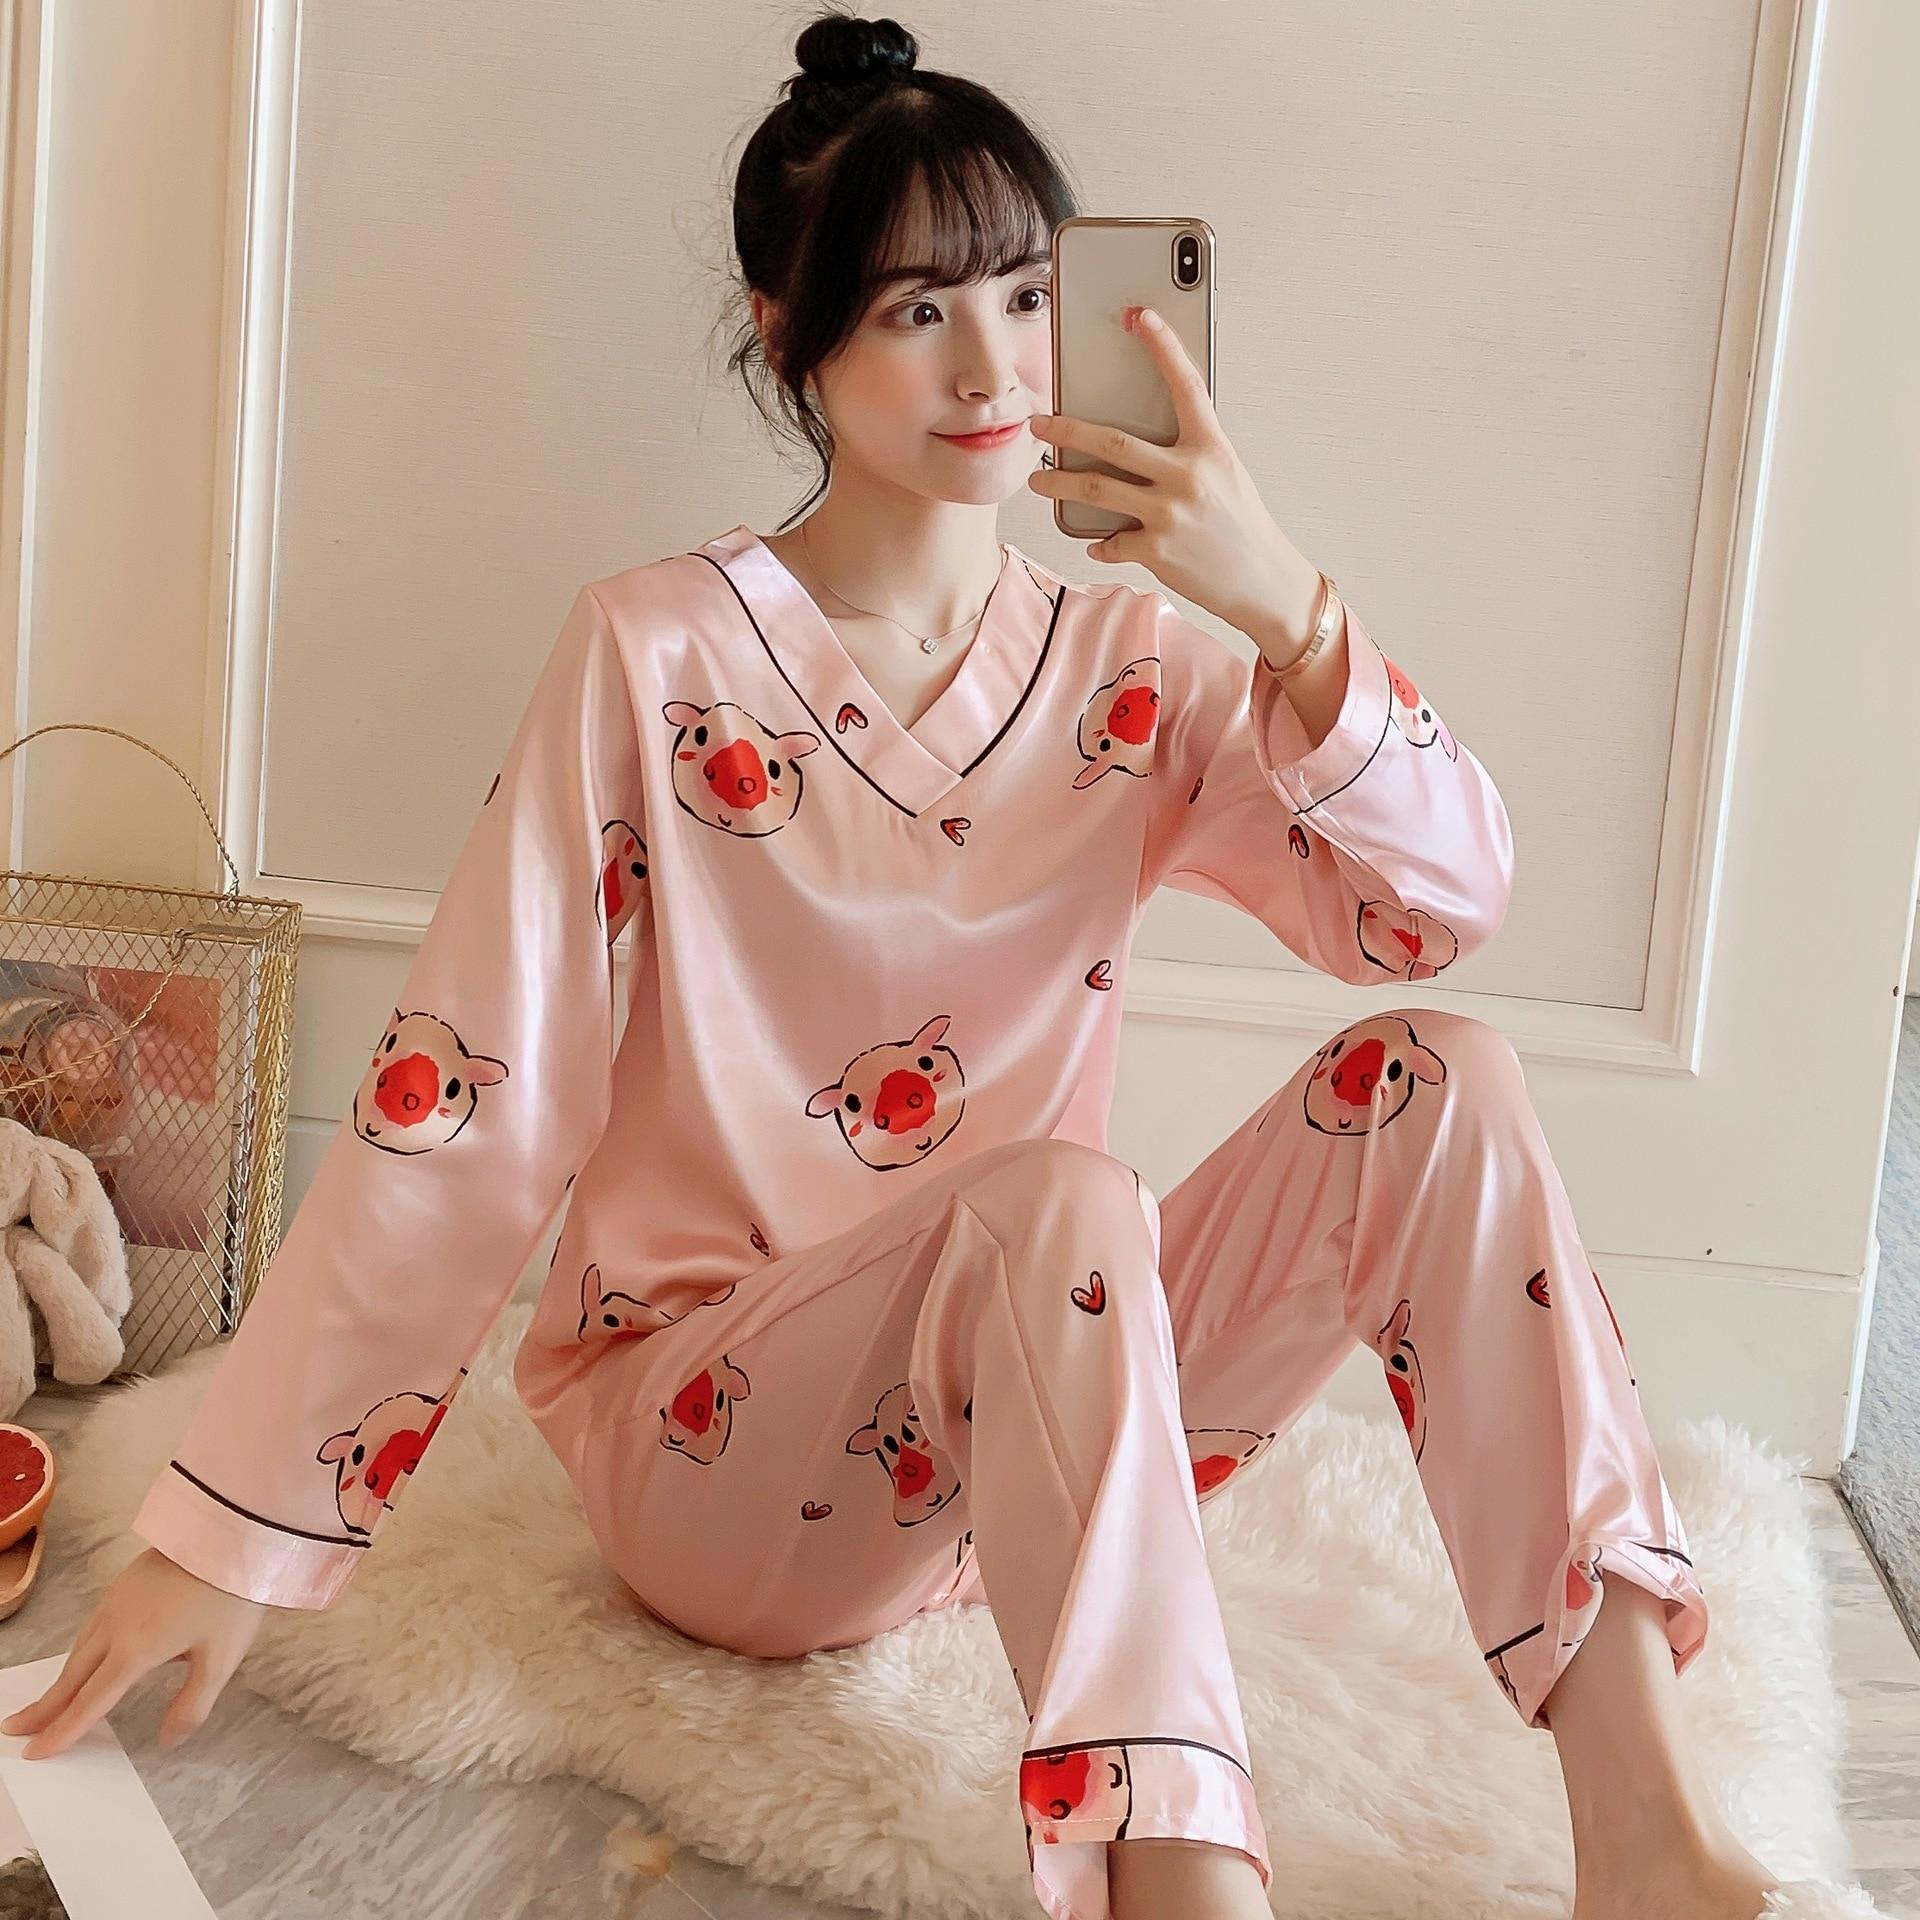 Шелковые пижамные комплекты с длинным рукавом для женщин, осенняя атласная одежда для сна, пижамный комплект, ночная рубашка, женский домаш...